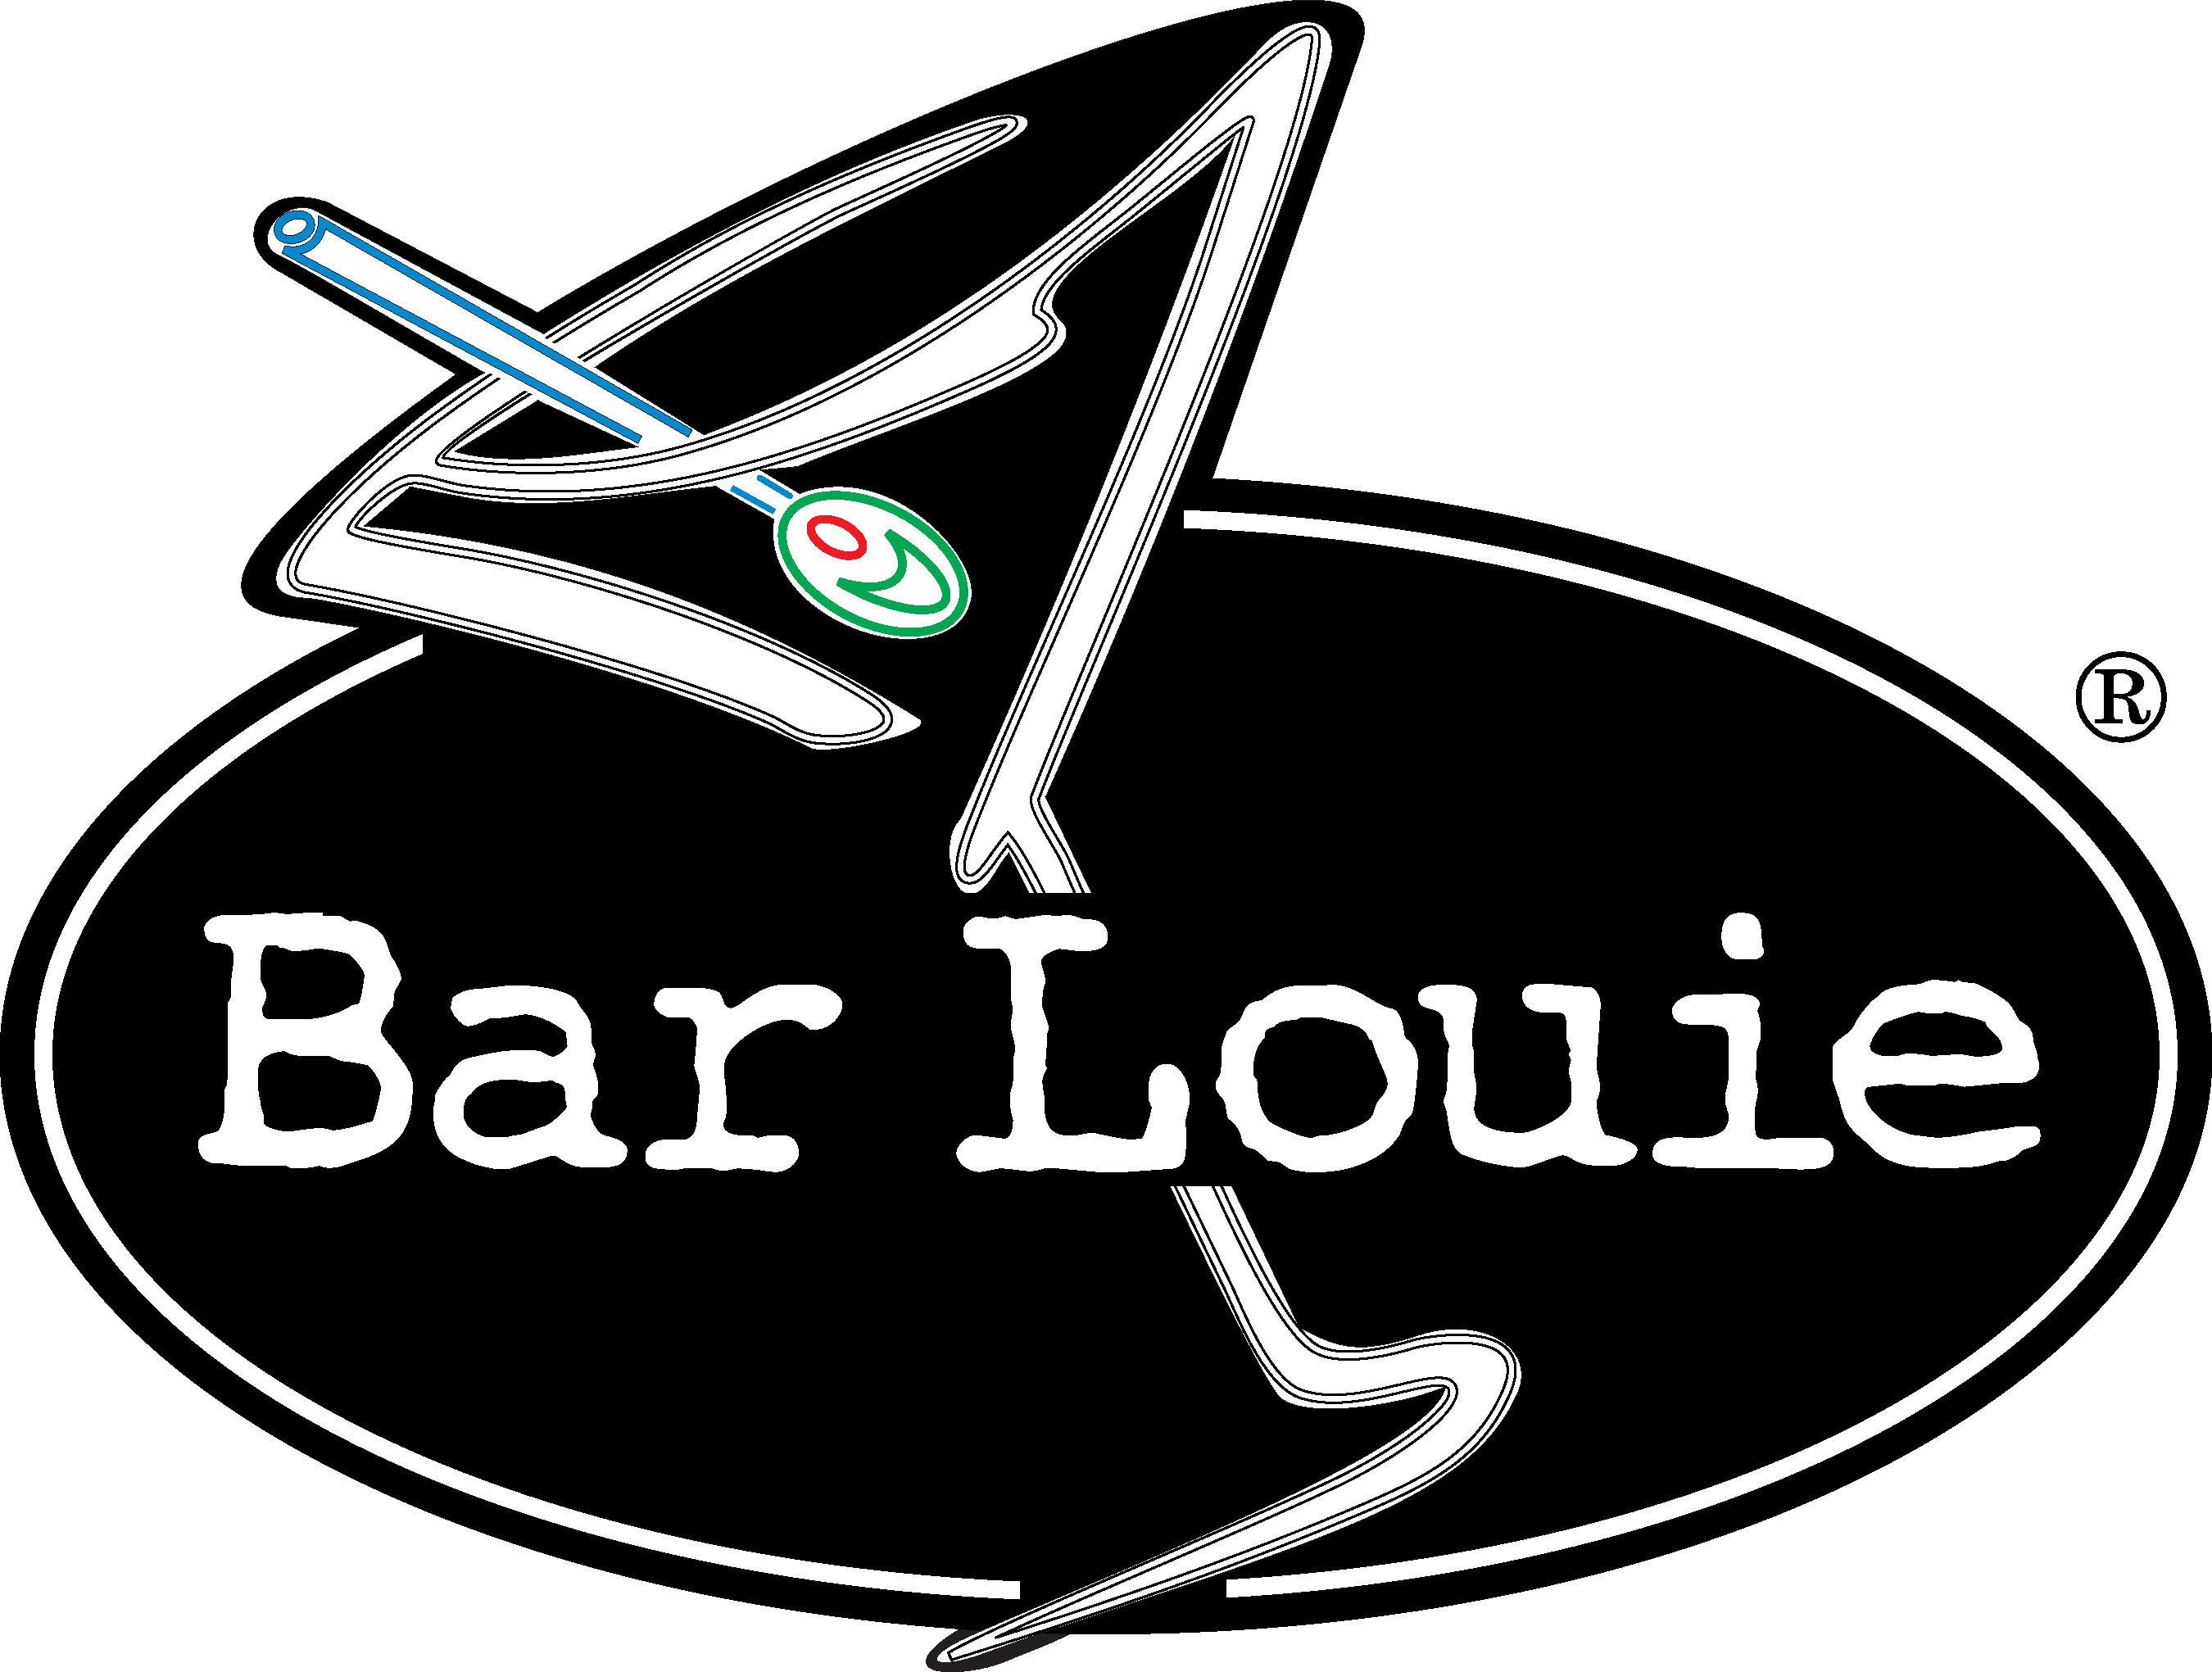 Bar Louie.